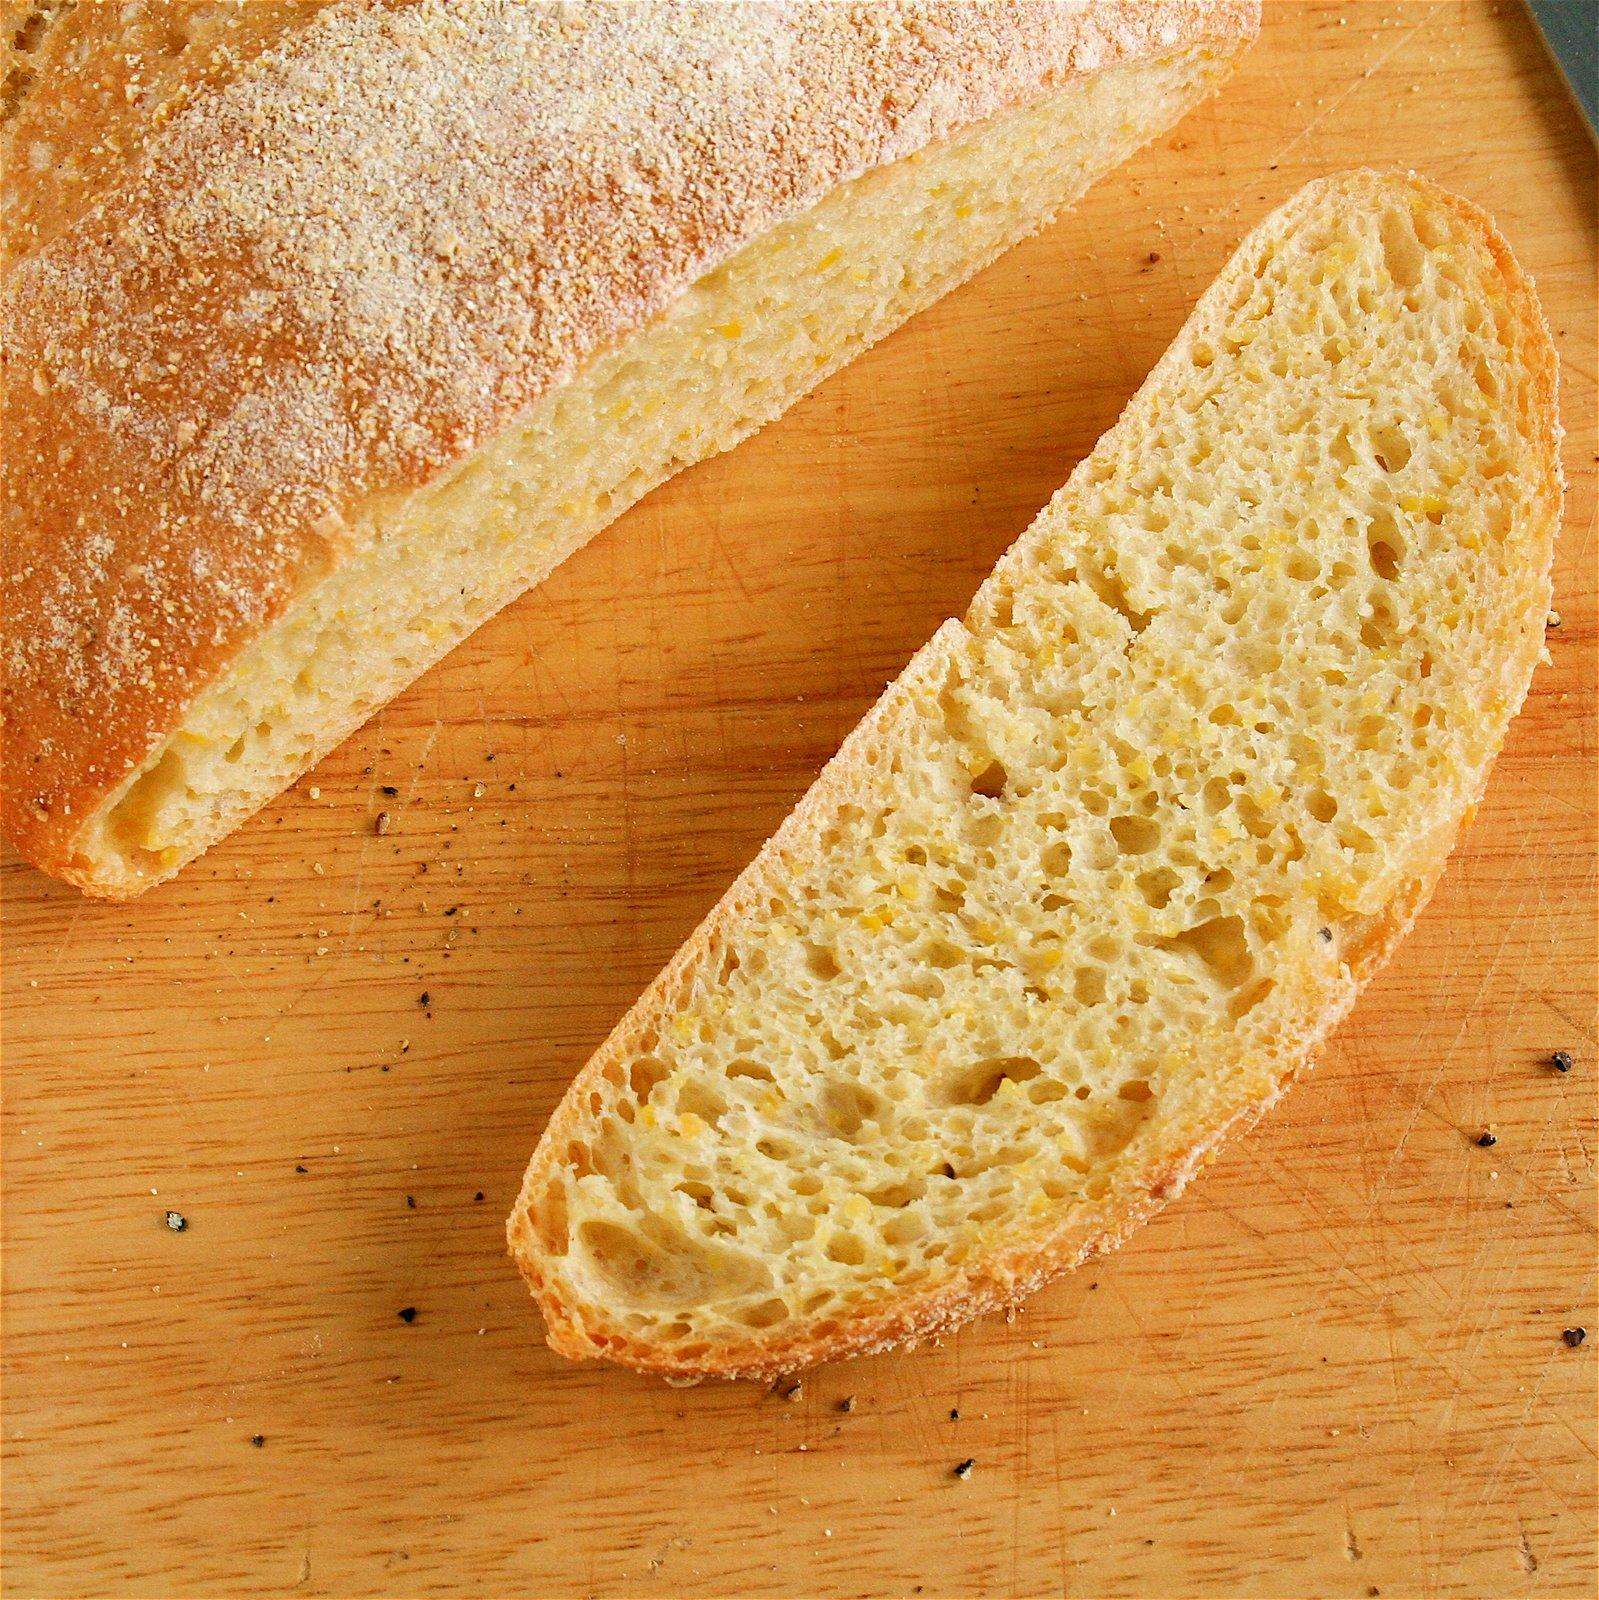 http://1.bp.blogspot.com/_BWRua5l70j4/SKjMIEpGHUI/AAAAAAAACOk/nvuNxpbiApo/s1600/Corn%2BBread%2BSliced.JPG